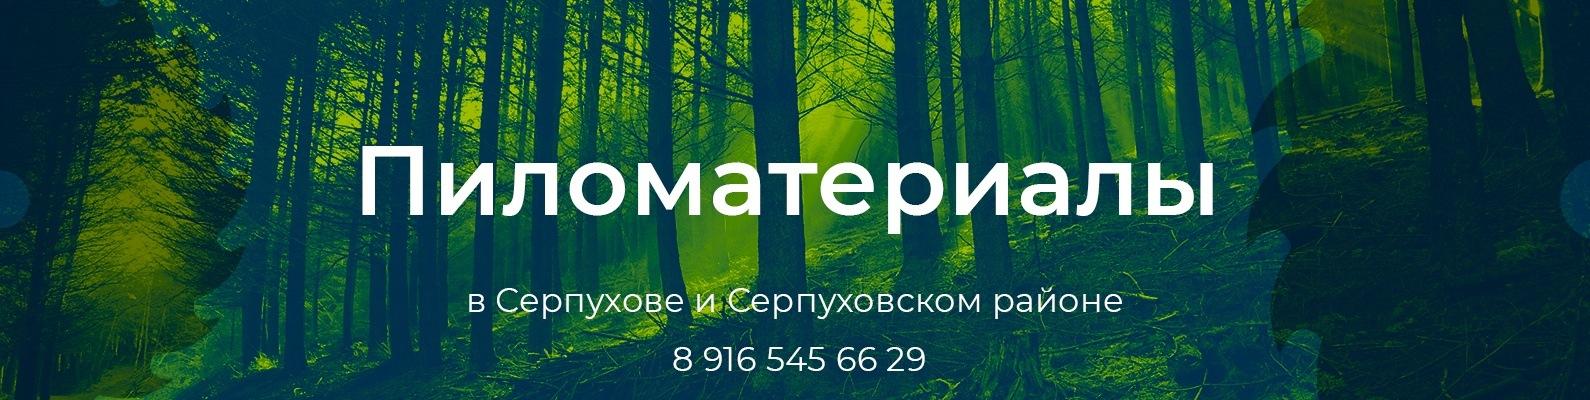 Где можно купить справку в бассейн Серпухов